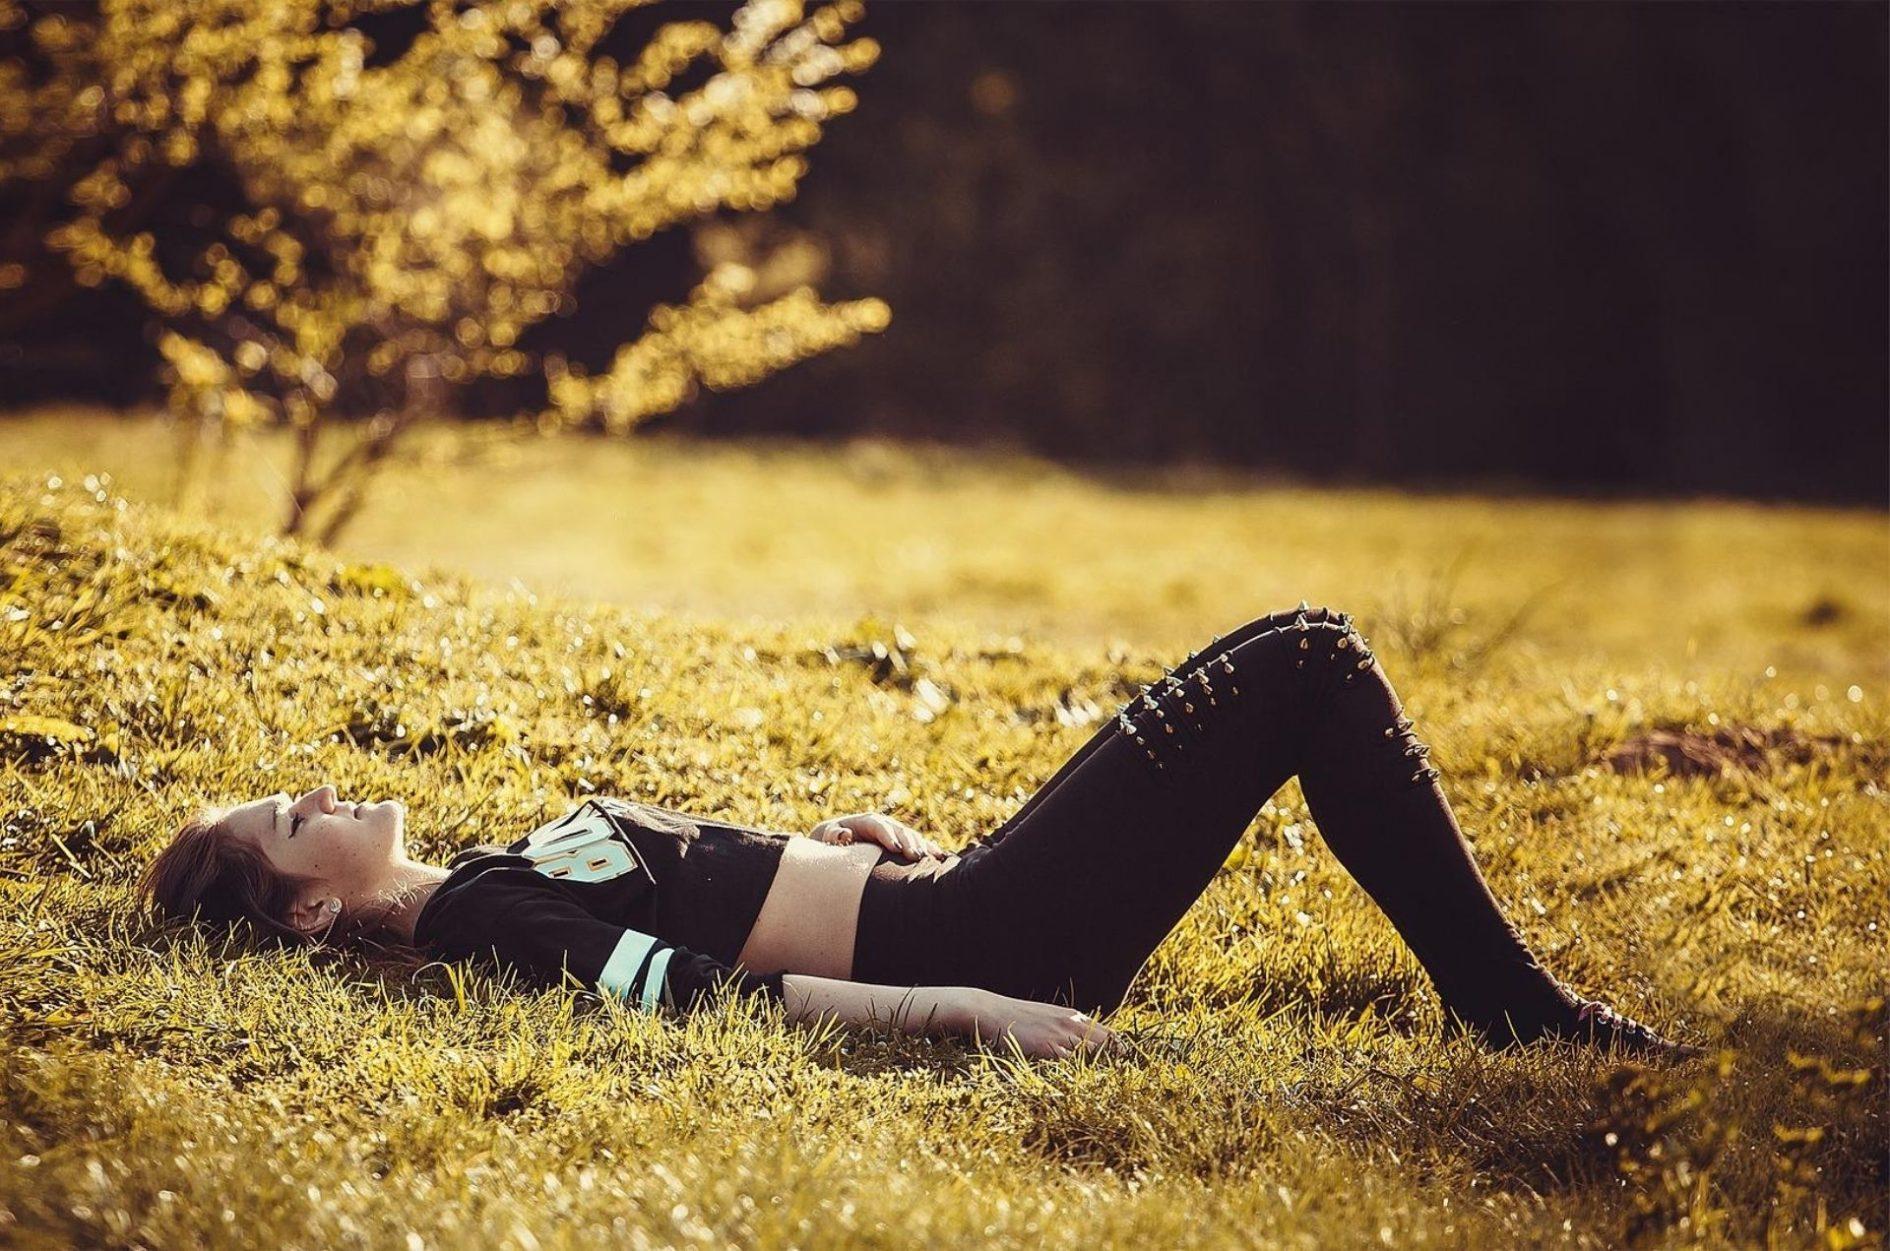 El abuso de drogas para relajarse puede ser un riesgo para la salud.